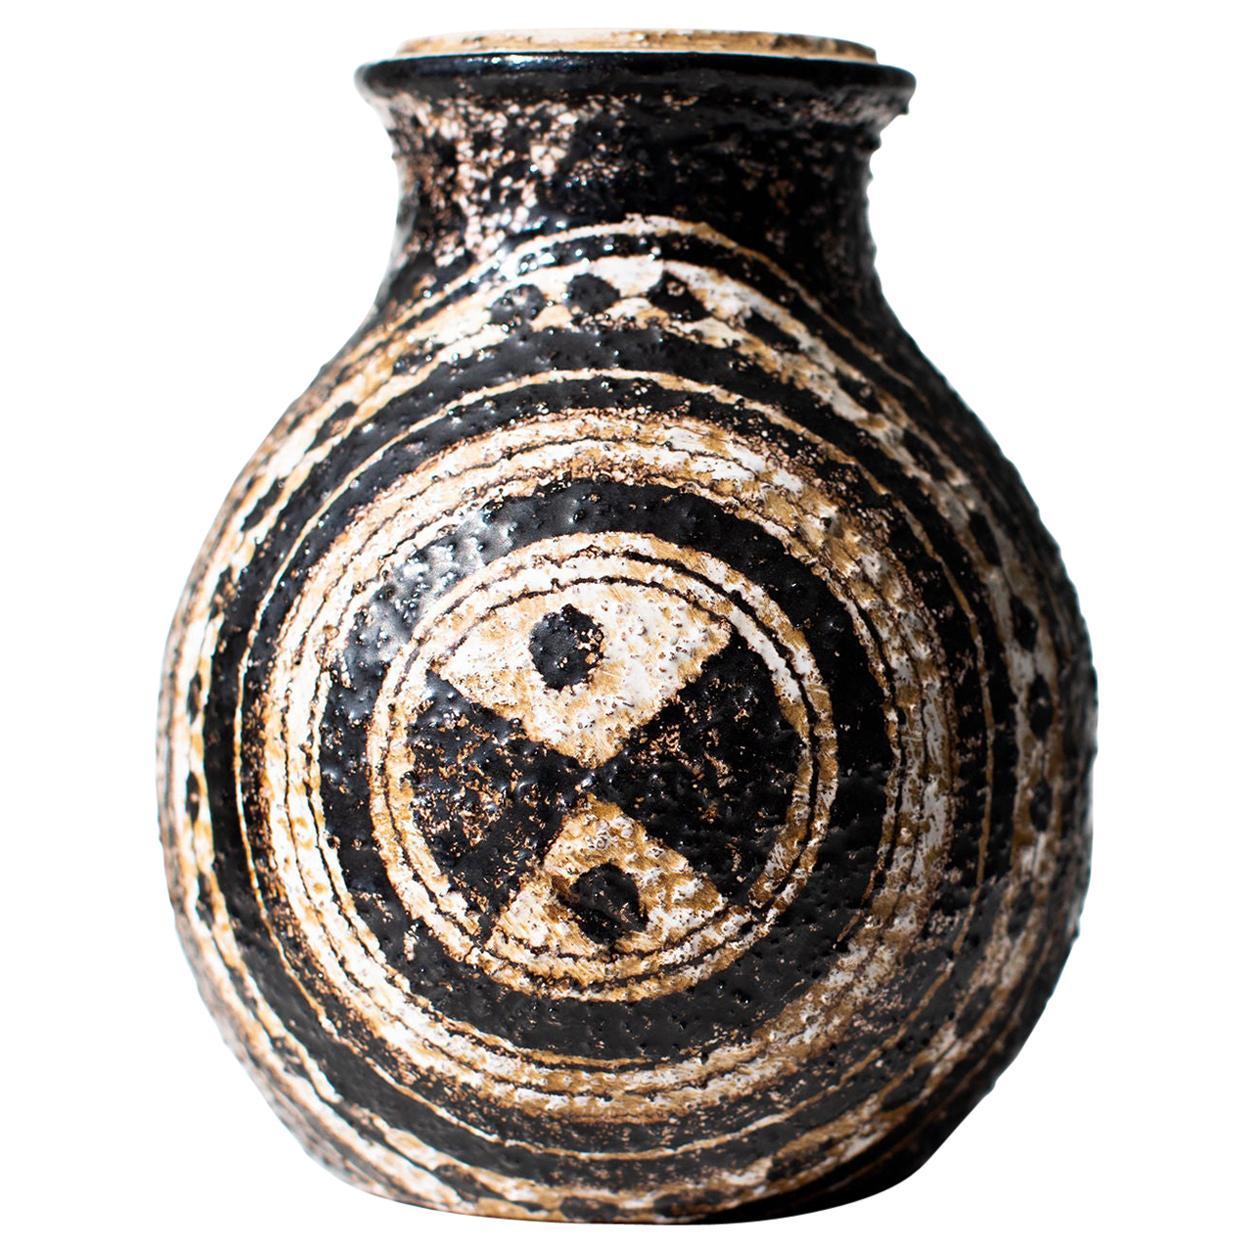 Aldo Londi Bitossi Vase for Rosenthal Netter: Marocco